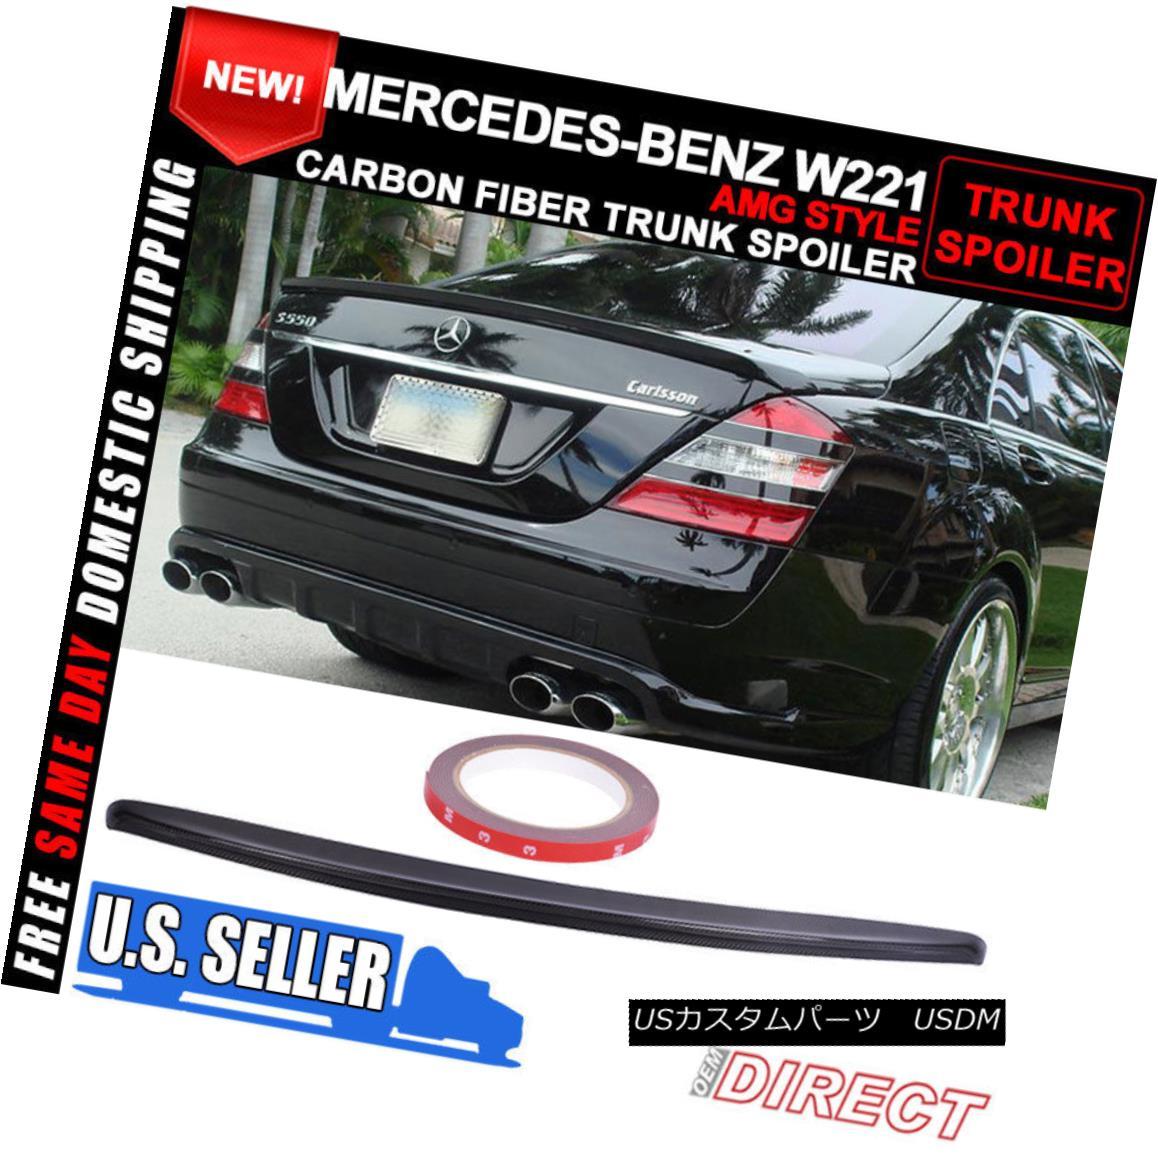 エアロパーツ 07-13 Mercedes Benz S Class W221 AMG Style Carbon Fiber CF Black Trunk Spoiler 07-13メルセデスベンツSクラスW221 AMGスタイルカーボンファイバーCFブラックトランク・スポイラー